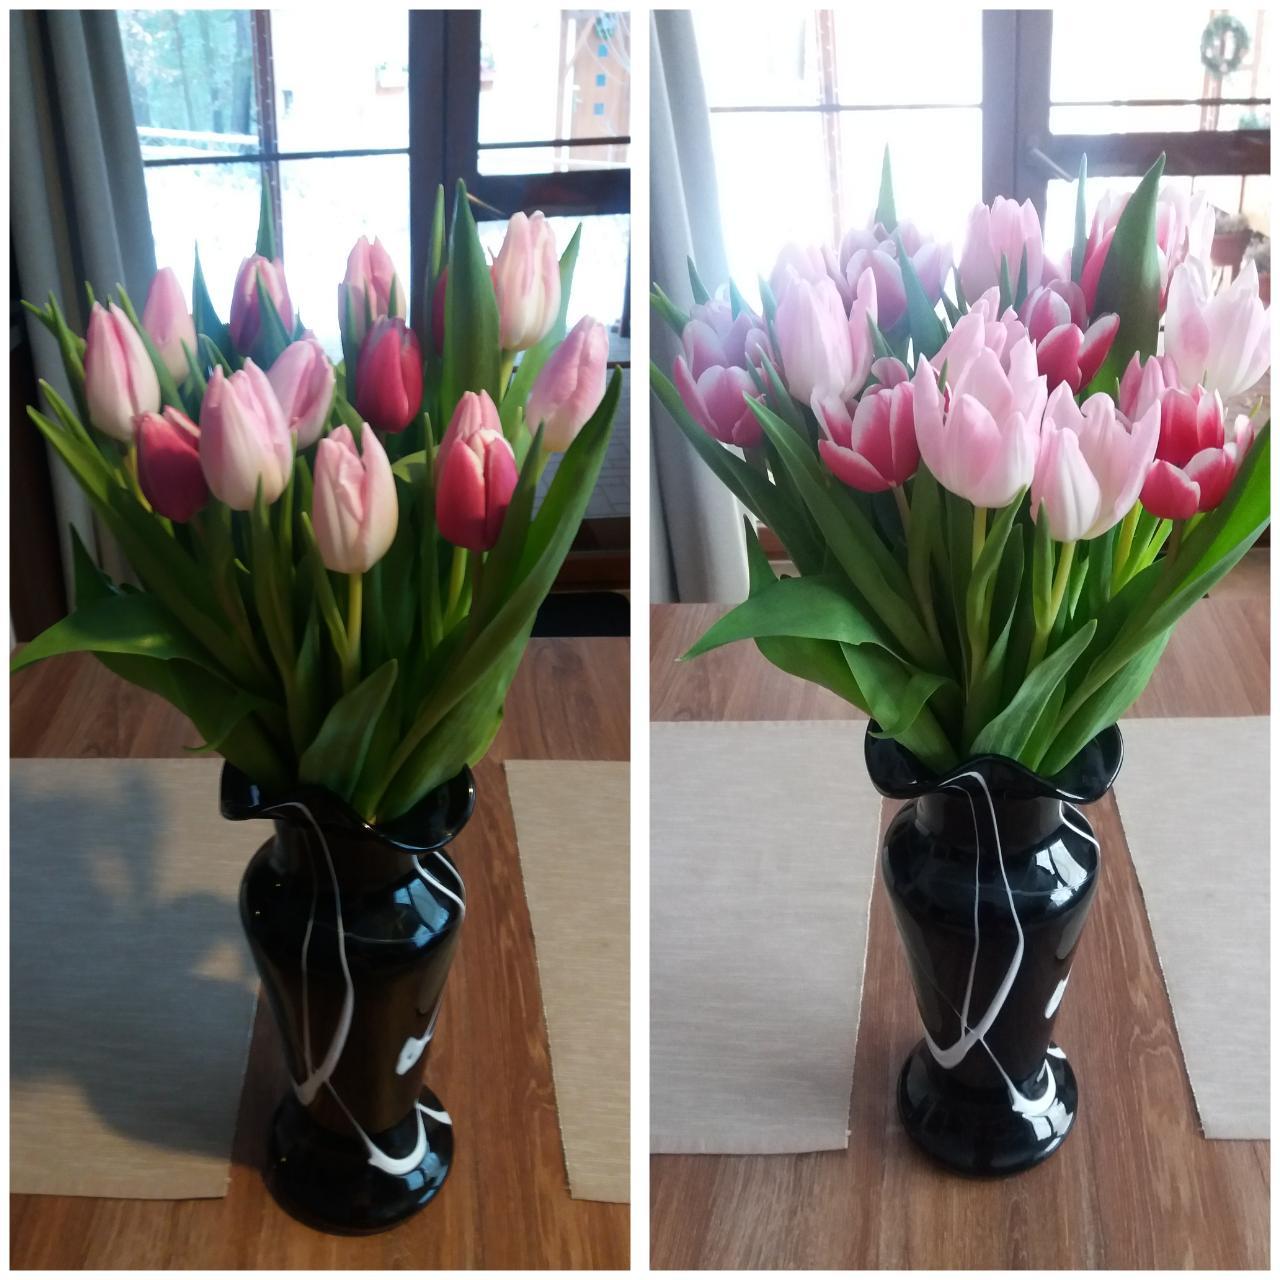 Rok 2017 u nás a po našem.... - Puvodne takrka bile tulipany se krasne zabarvuji do ruzova...